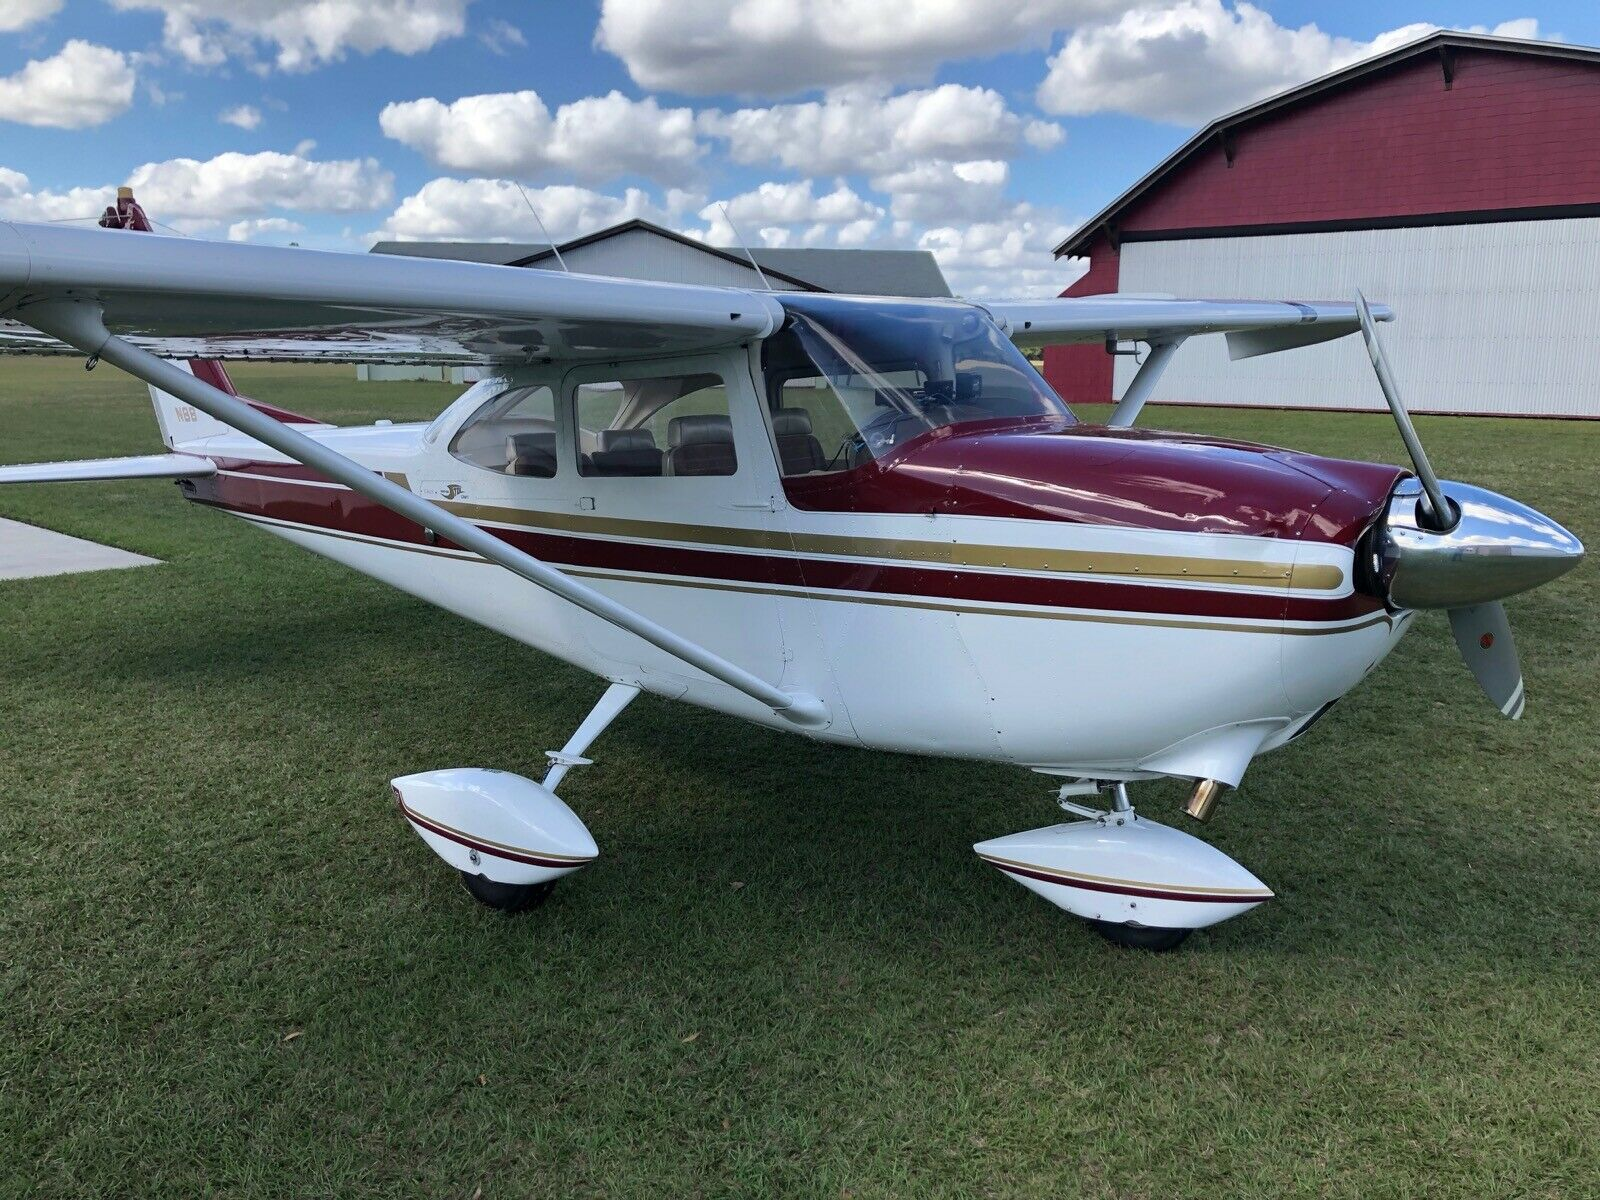 mint shape 1964 Cessna C172e aircraft for sale